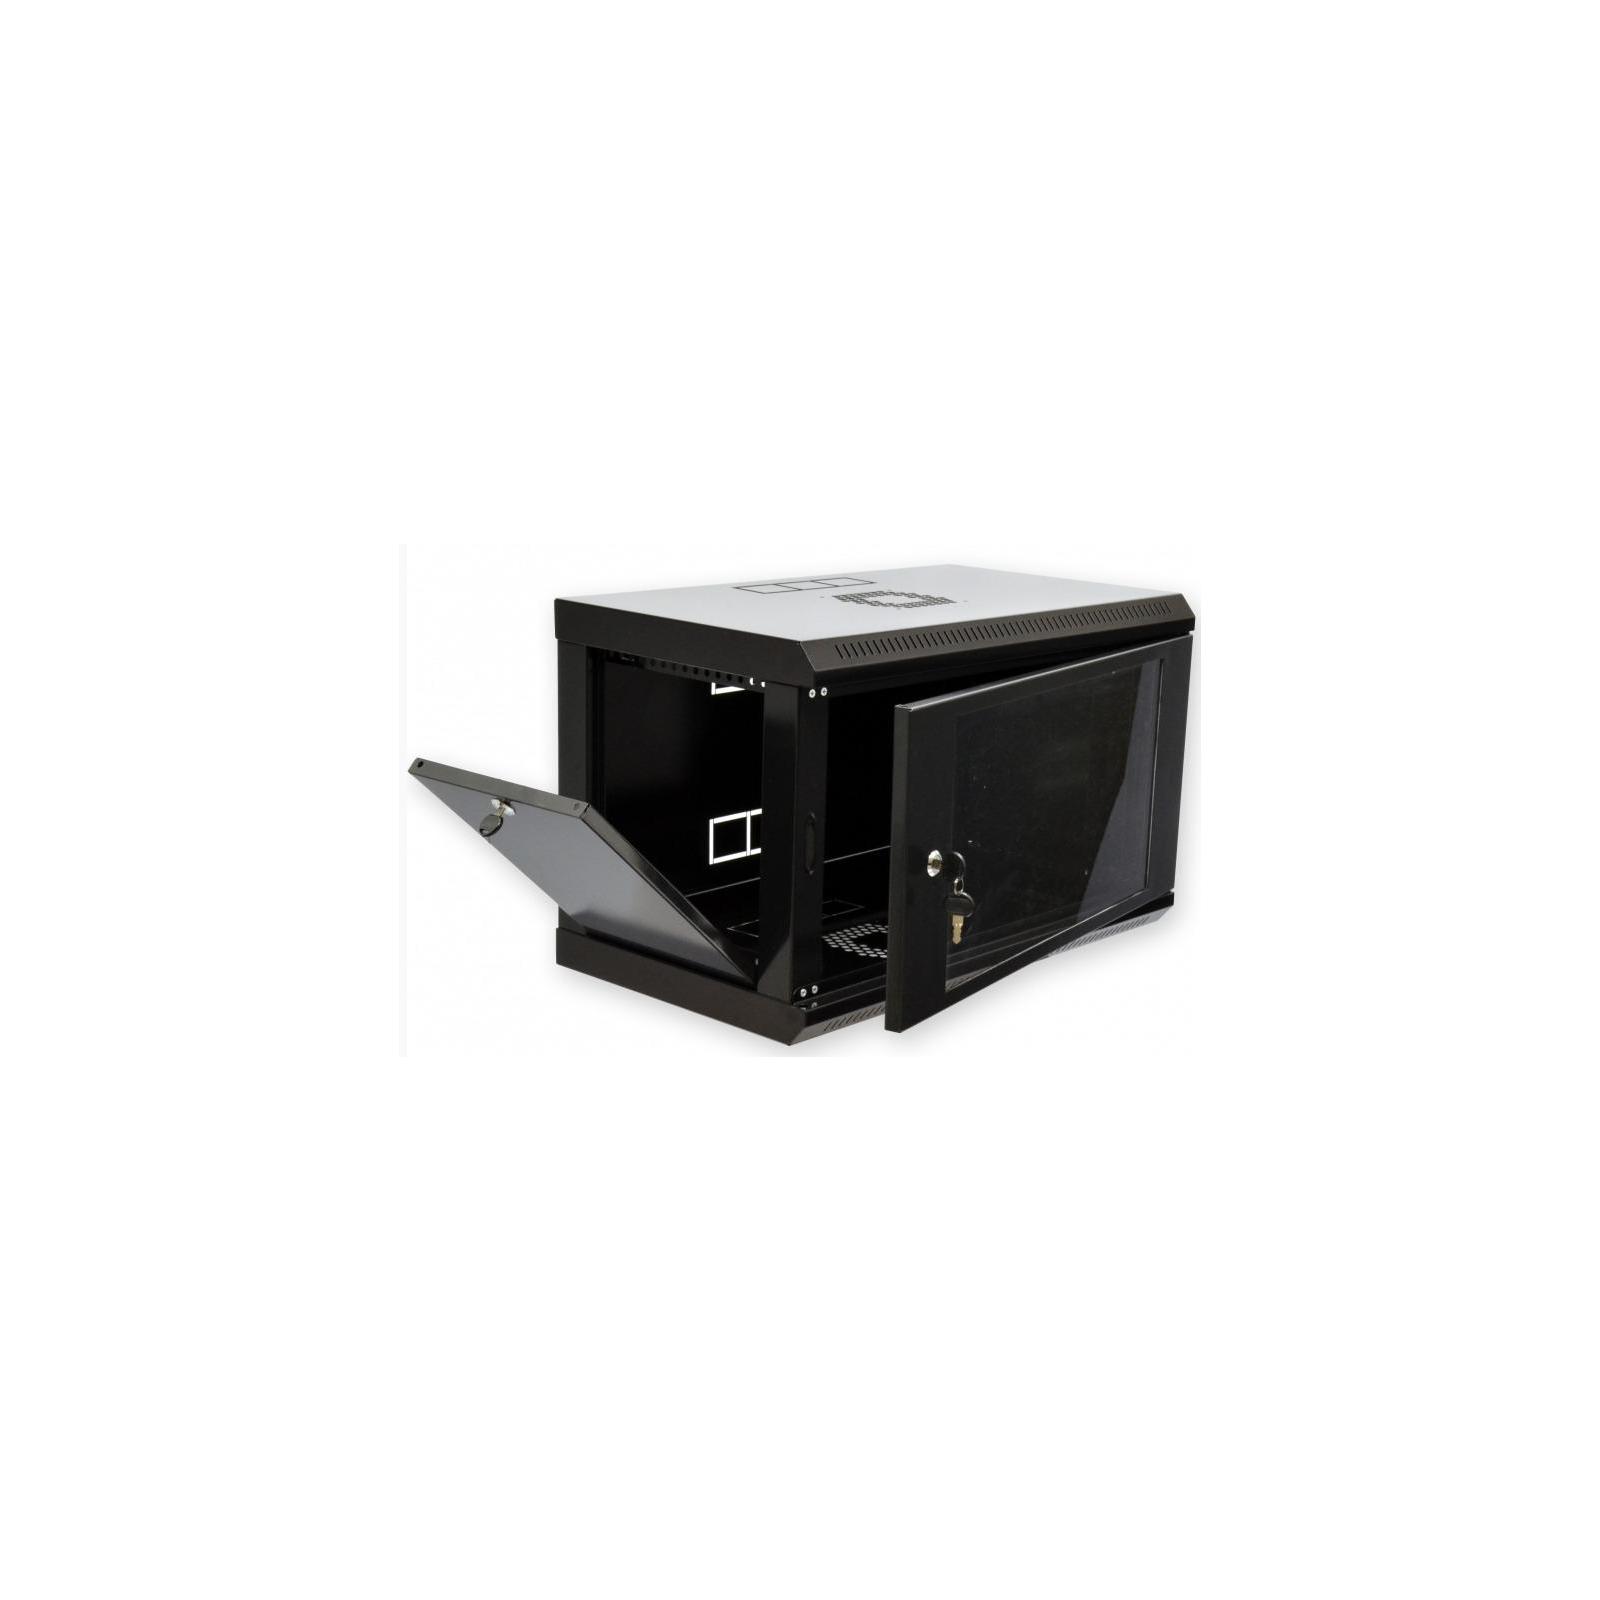 Шкаф настенный CMS 6U 600*350*373mm (UA-MGSWL635B) изображение 7